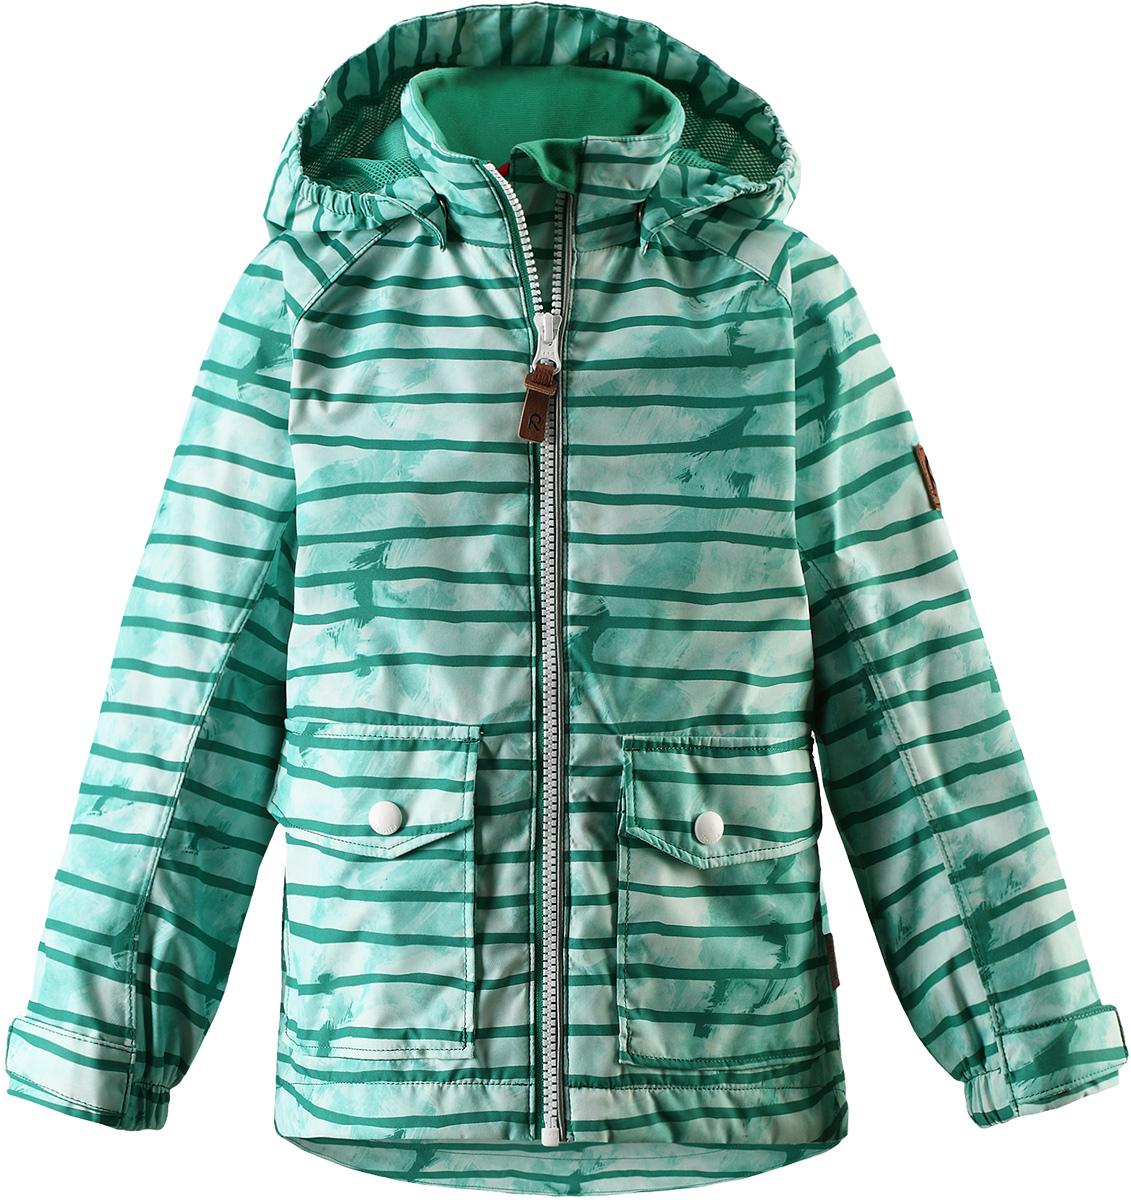 Куртка детская Reima Knot, цвет: зеленый. 5214858805. Размер 1405214858805Куртка Reima исполнена из высокотехнологичной ткани не пропускающей влагу, но не препятствующей циркуляции воздуха. Мембранная ткань пропускает влагу наружу когда ребенок потеет, но не позволяет ей проникнуть внутрь, что отлично при активных играх.